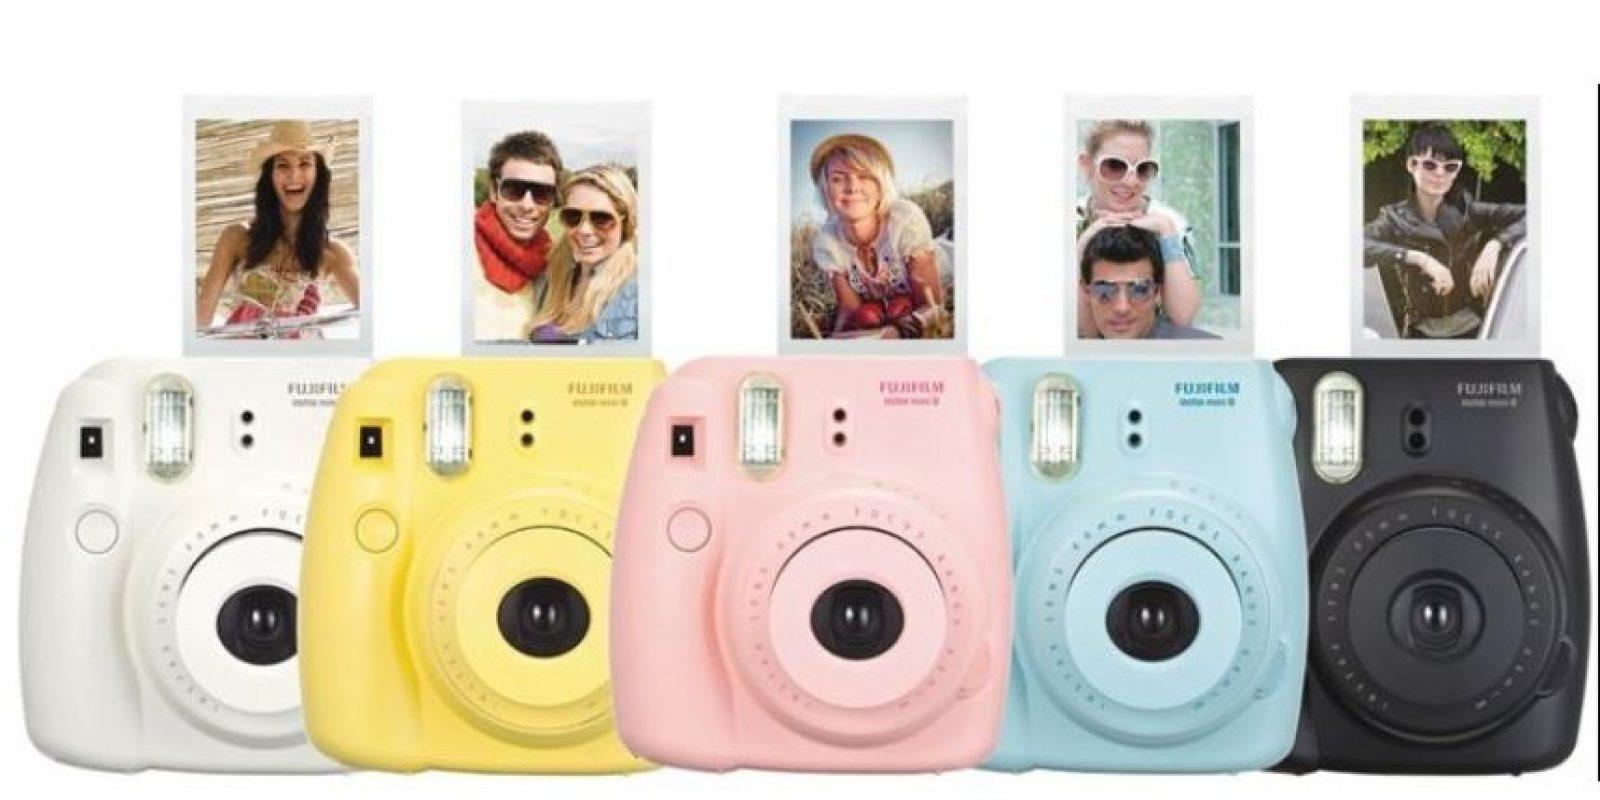 La fotografía se imprime a color en un papel de 62*46 mm que sale en segundos. Tiene un precio de 99.99 dólares. Foto:Fujifilm